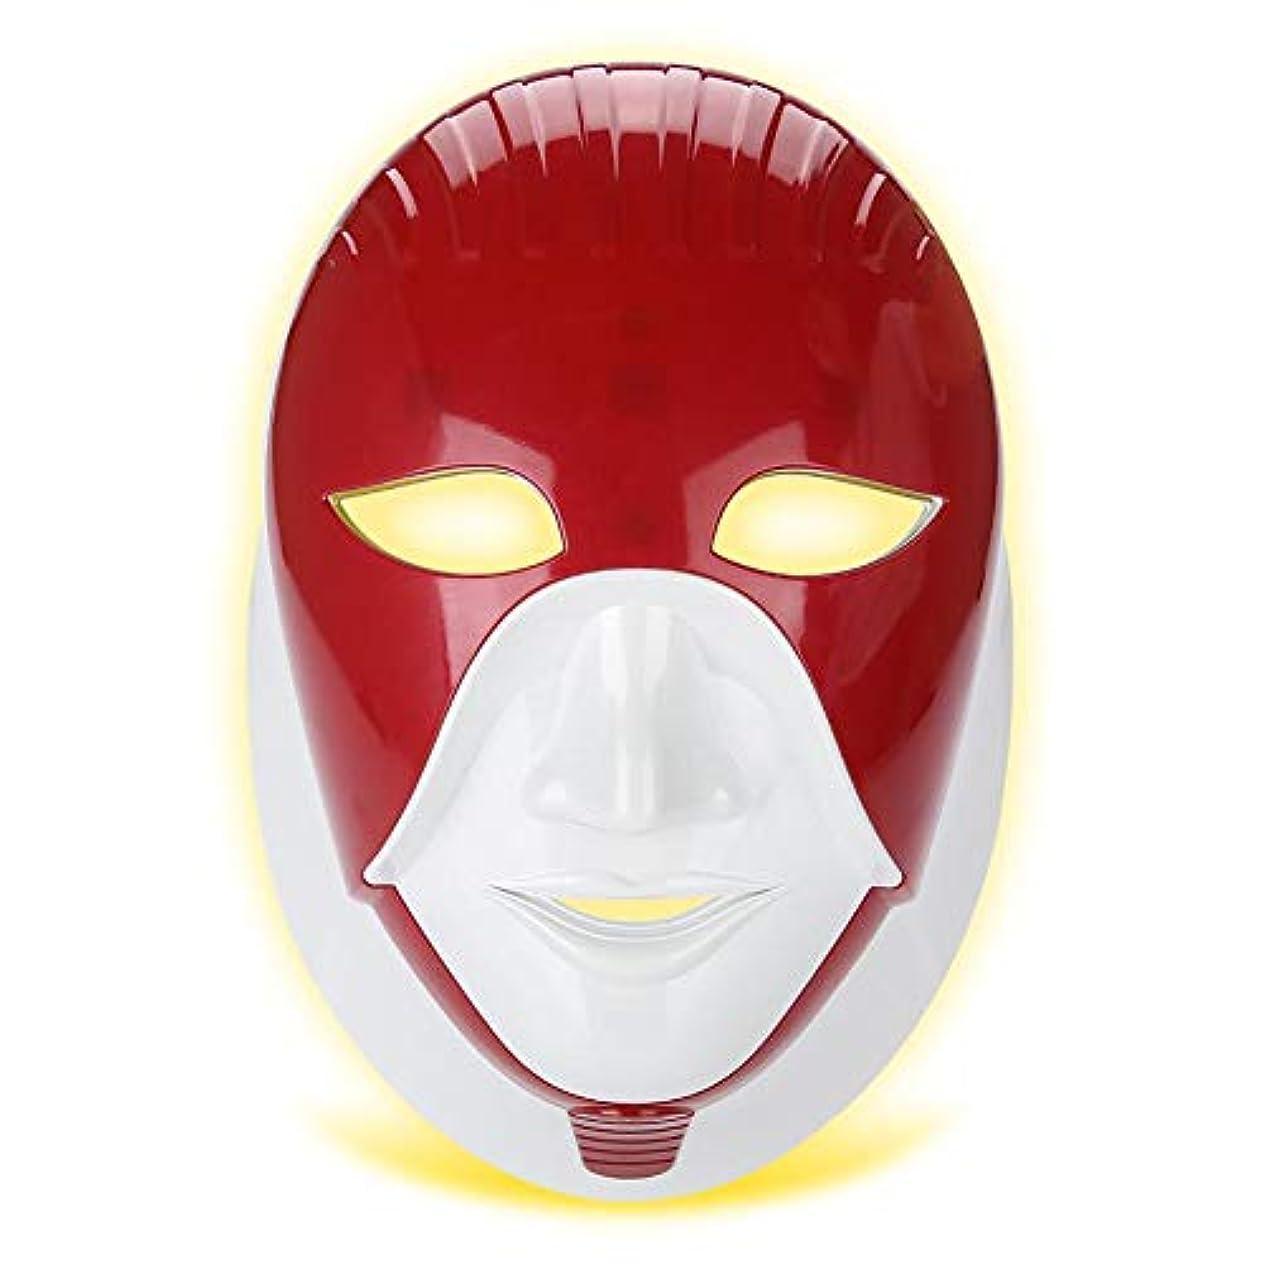 バレエ以前は怒ってLEDフェイシャルネックマスク、滑らかな肌のより良いのための7色のネオン - 輝くライトフェイスケア美容ツール、肌のリラクゼーショング、引き締め、調色、引き締まった肌、瑕疵び、美白(02#)